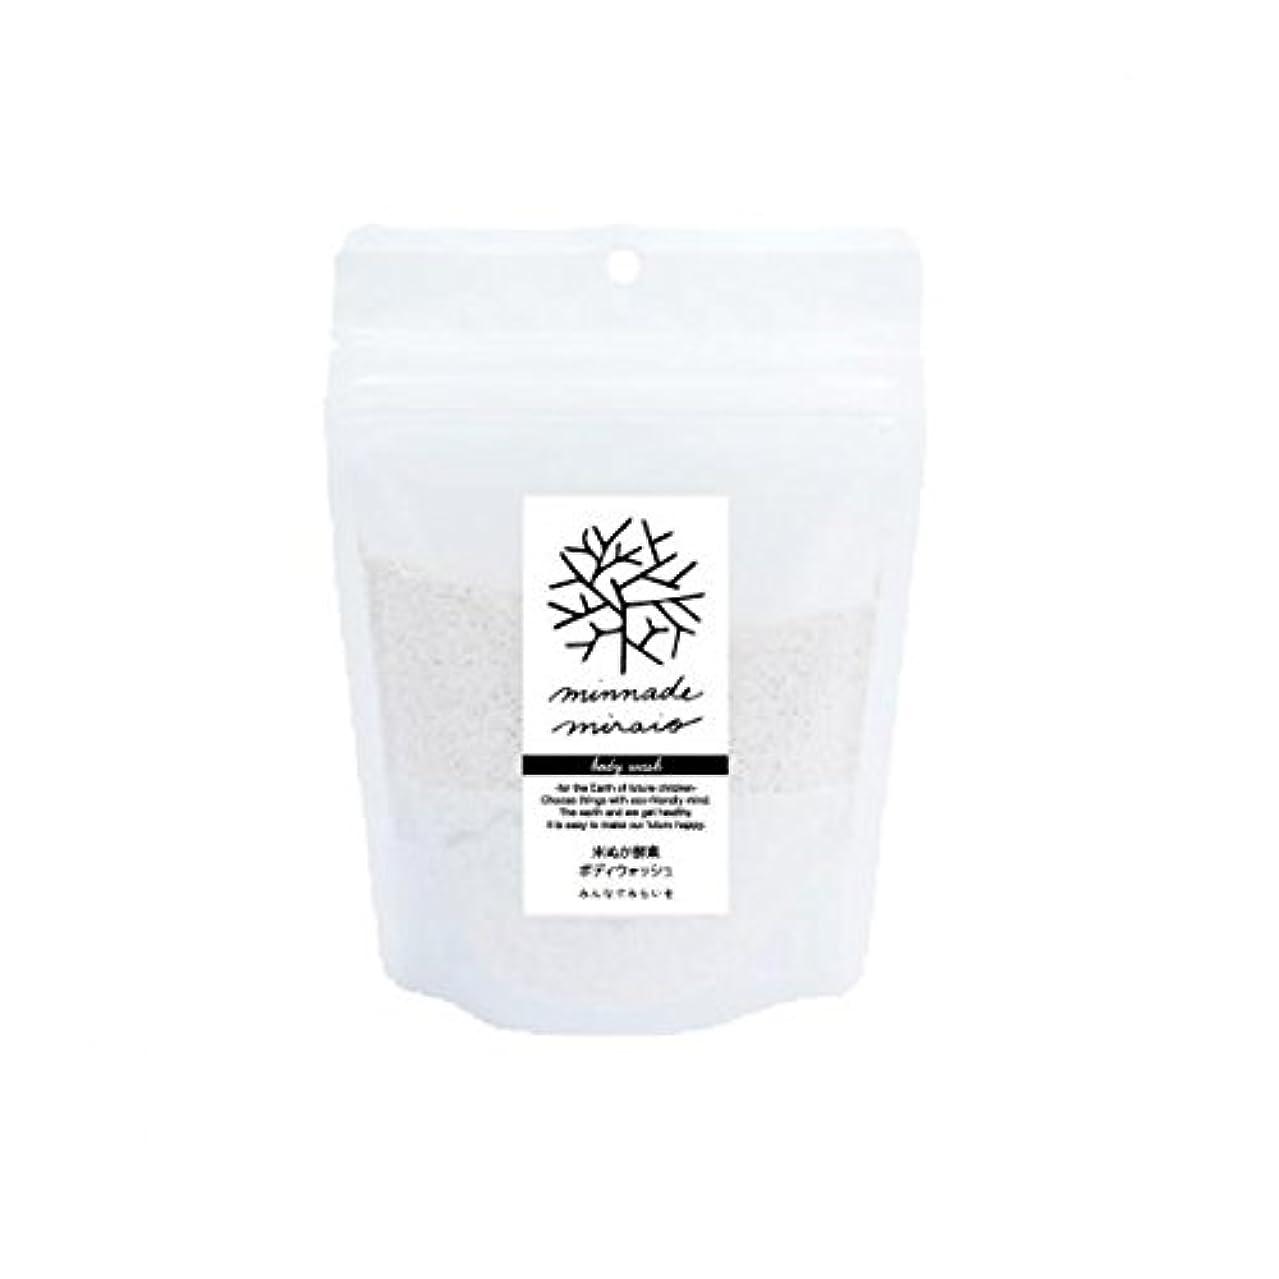 参照ひどく粒子みんなでみらいを 100%無添加 米ぬか酵素ボディウォッシュ 詰替用 130g×3袋